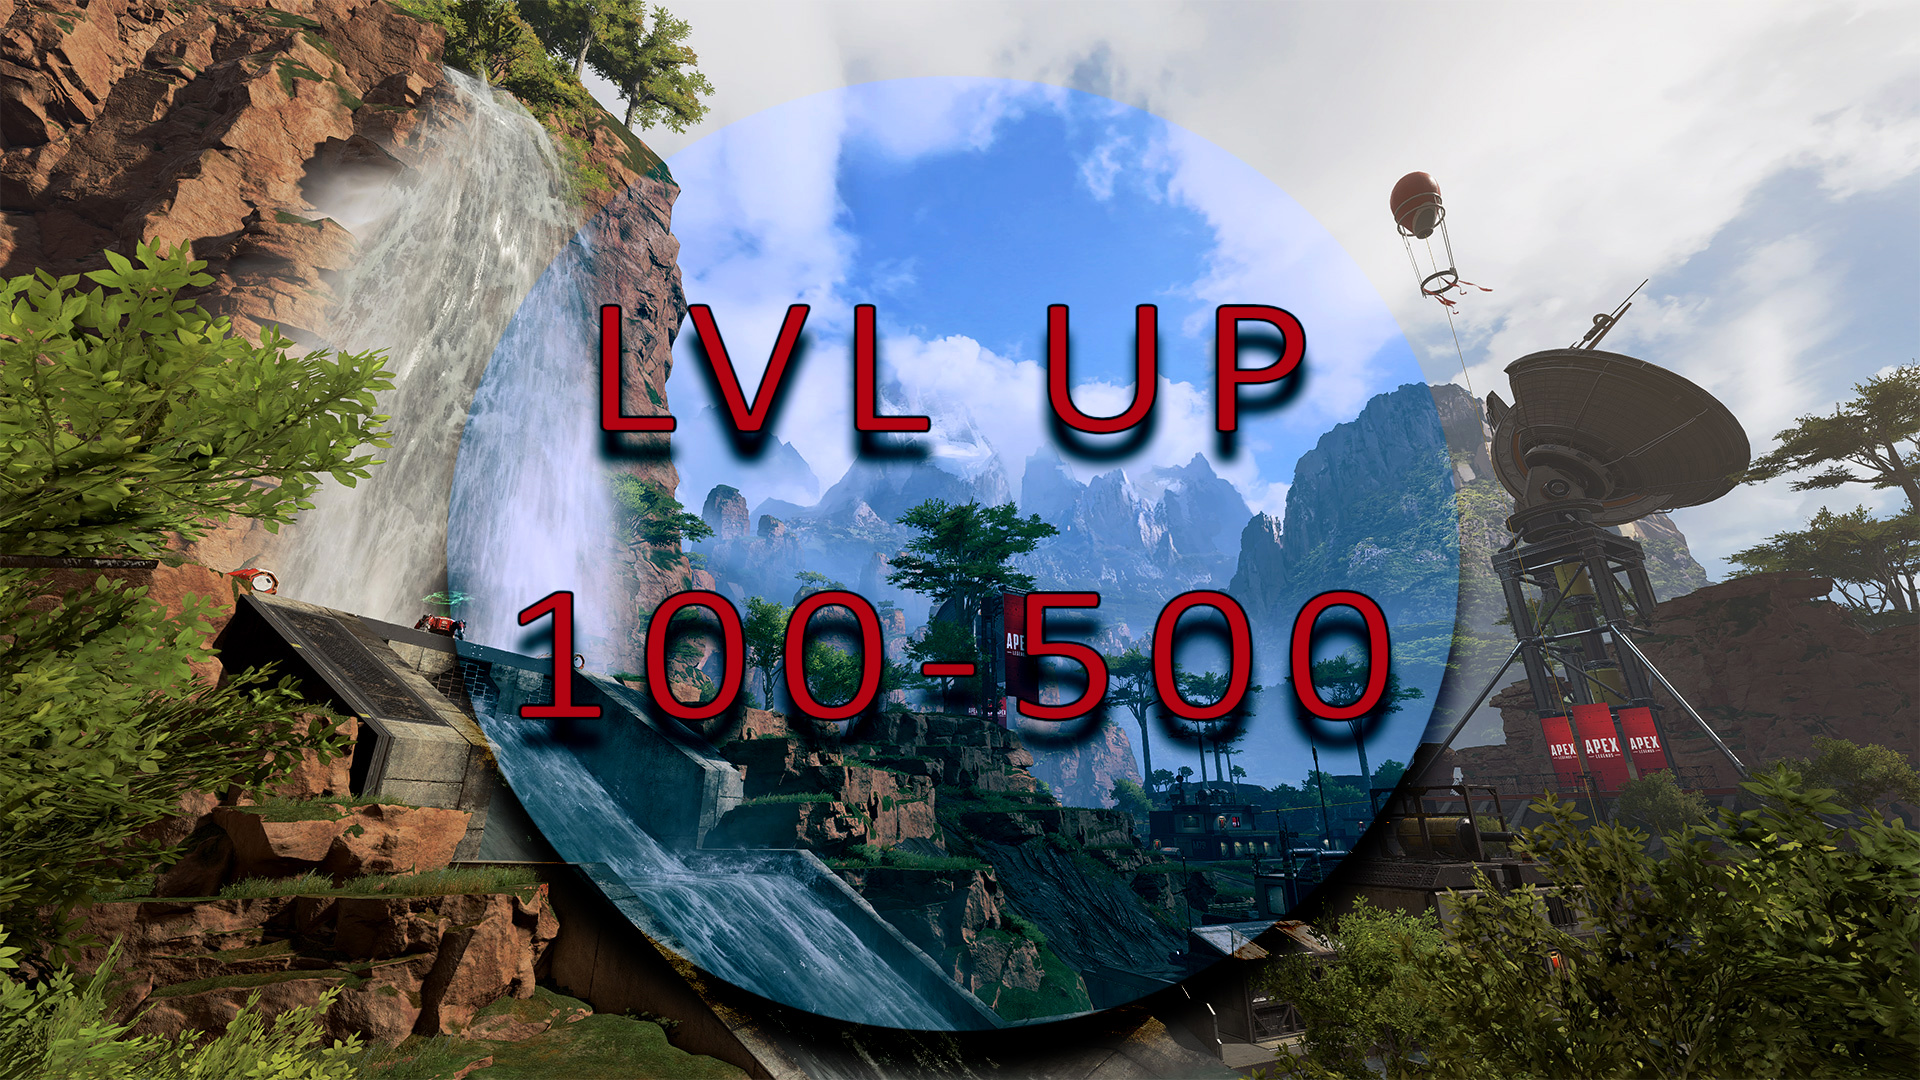 LVL UP 100-500 GBD - e2p.com